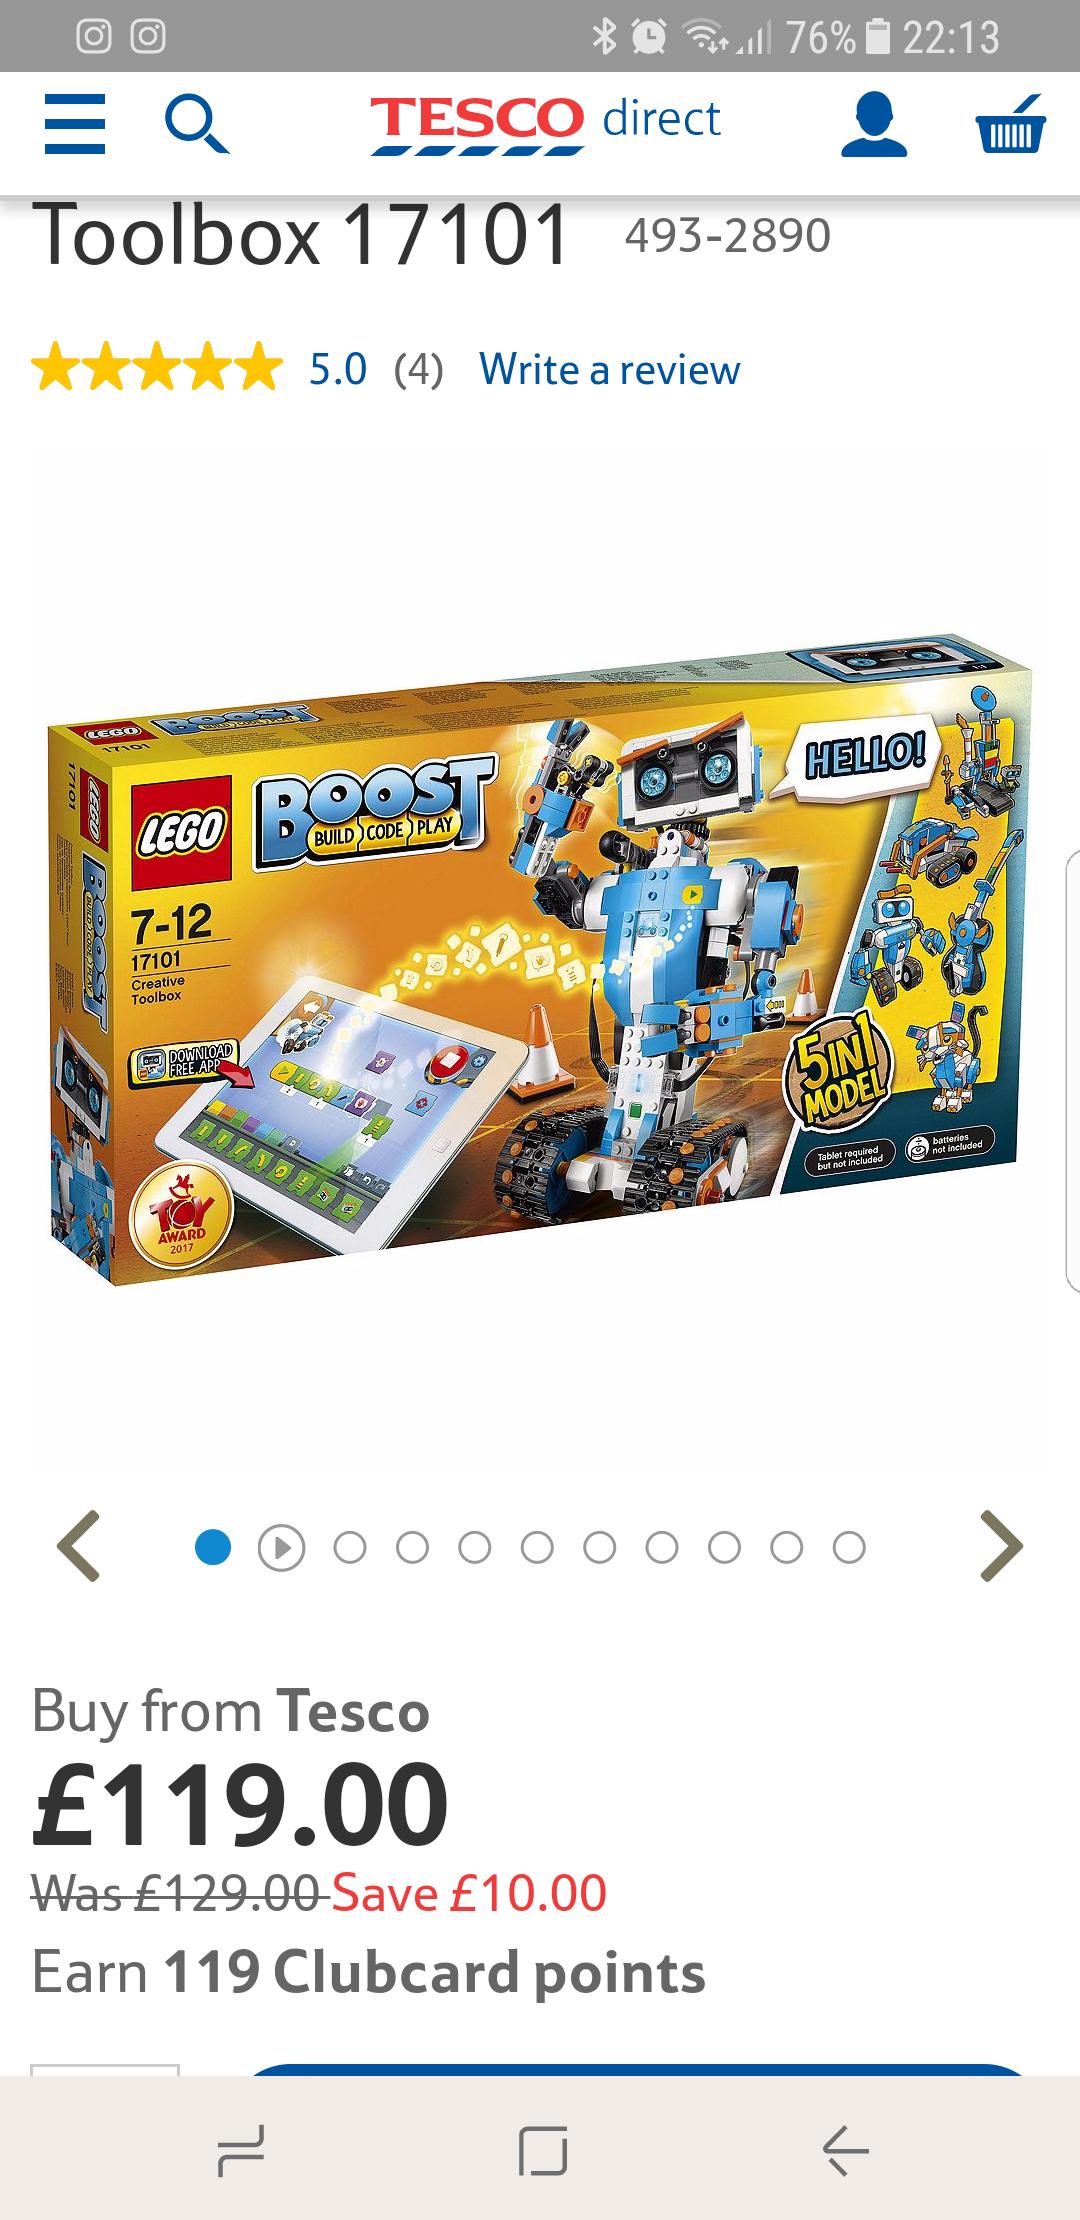 Lego Boost Tesco Direct - £119 @ Tesco